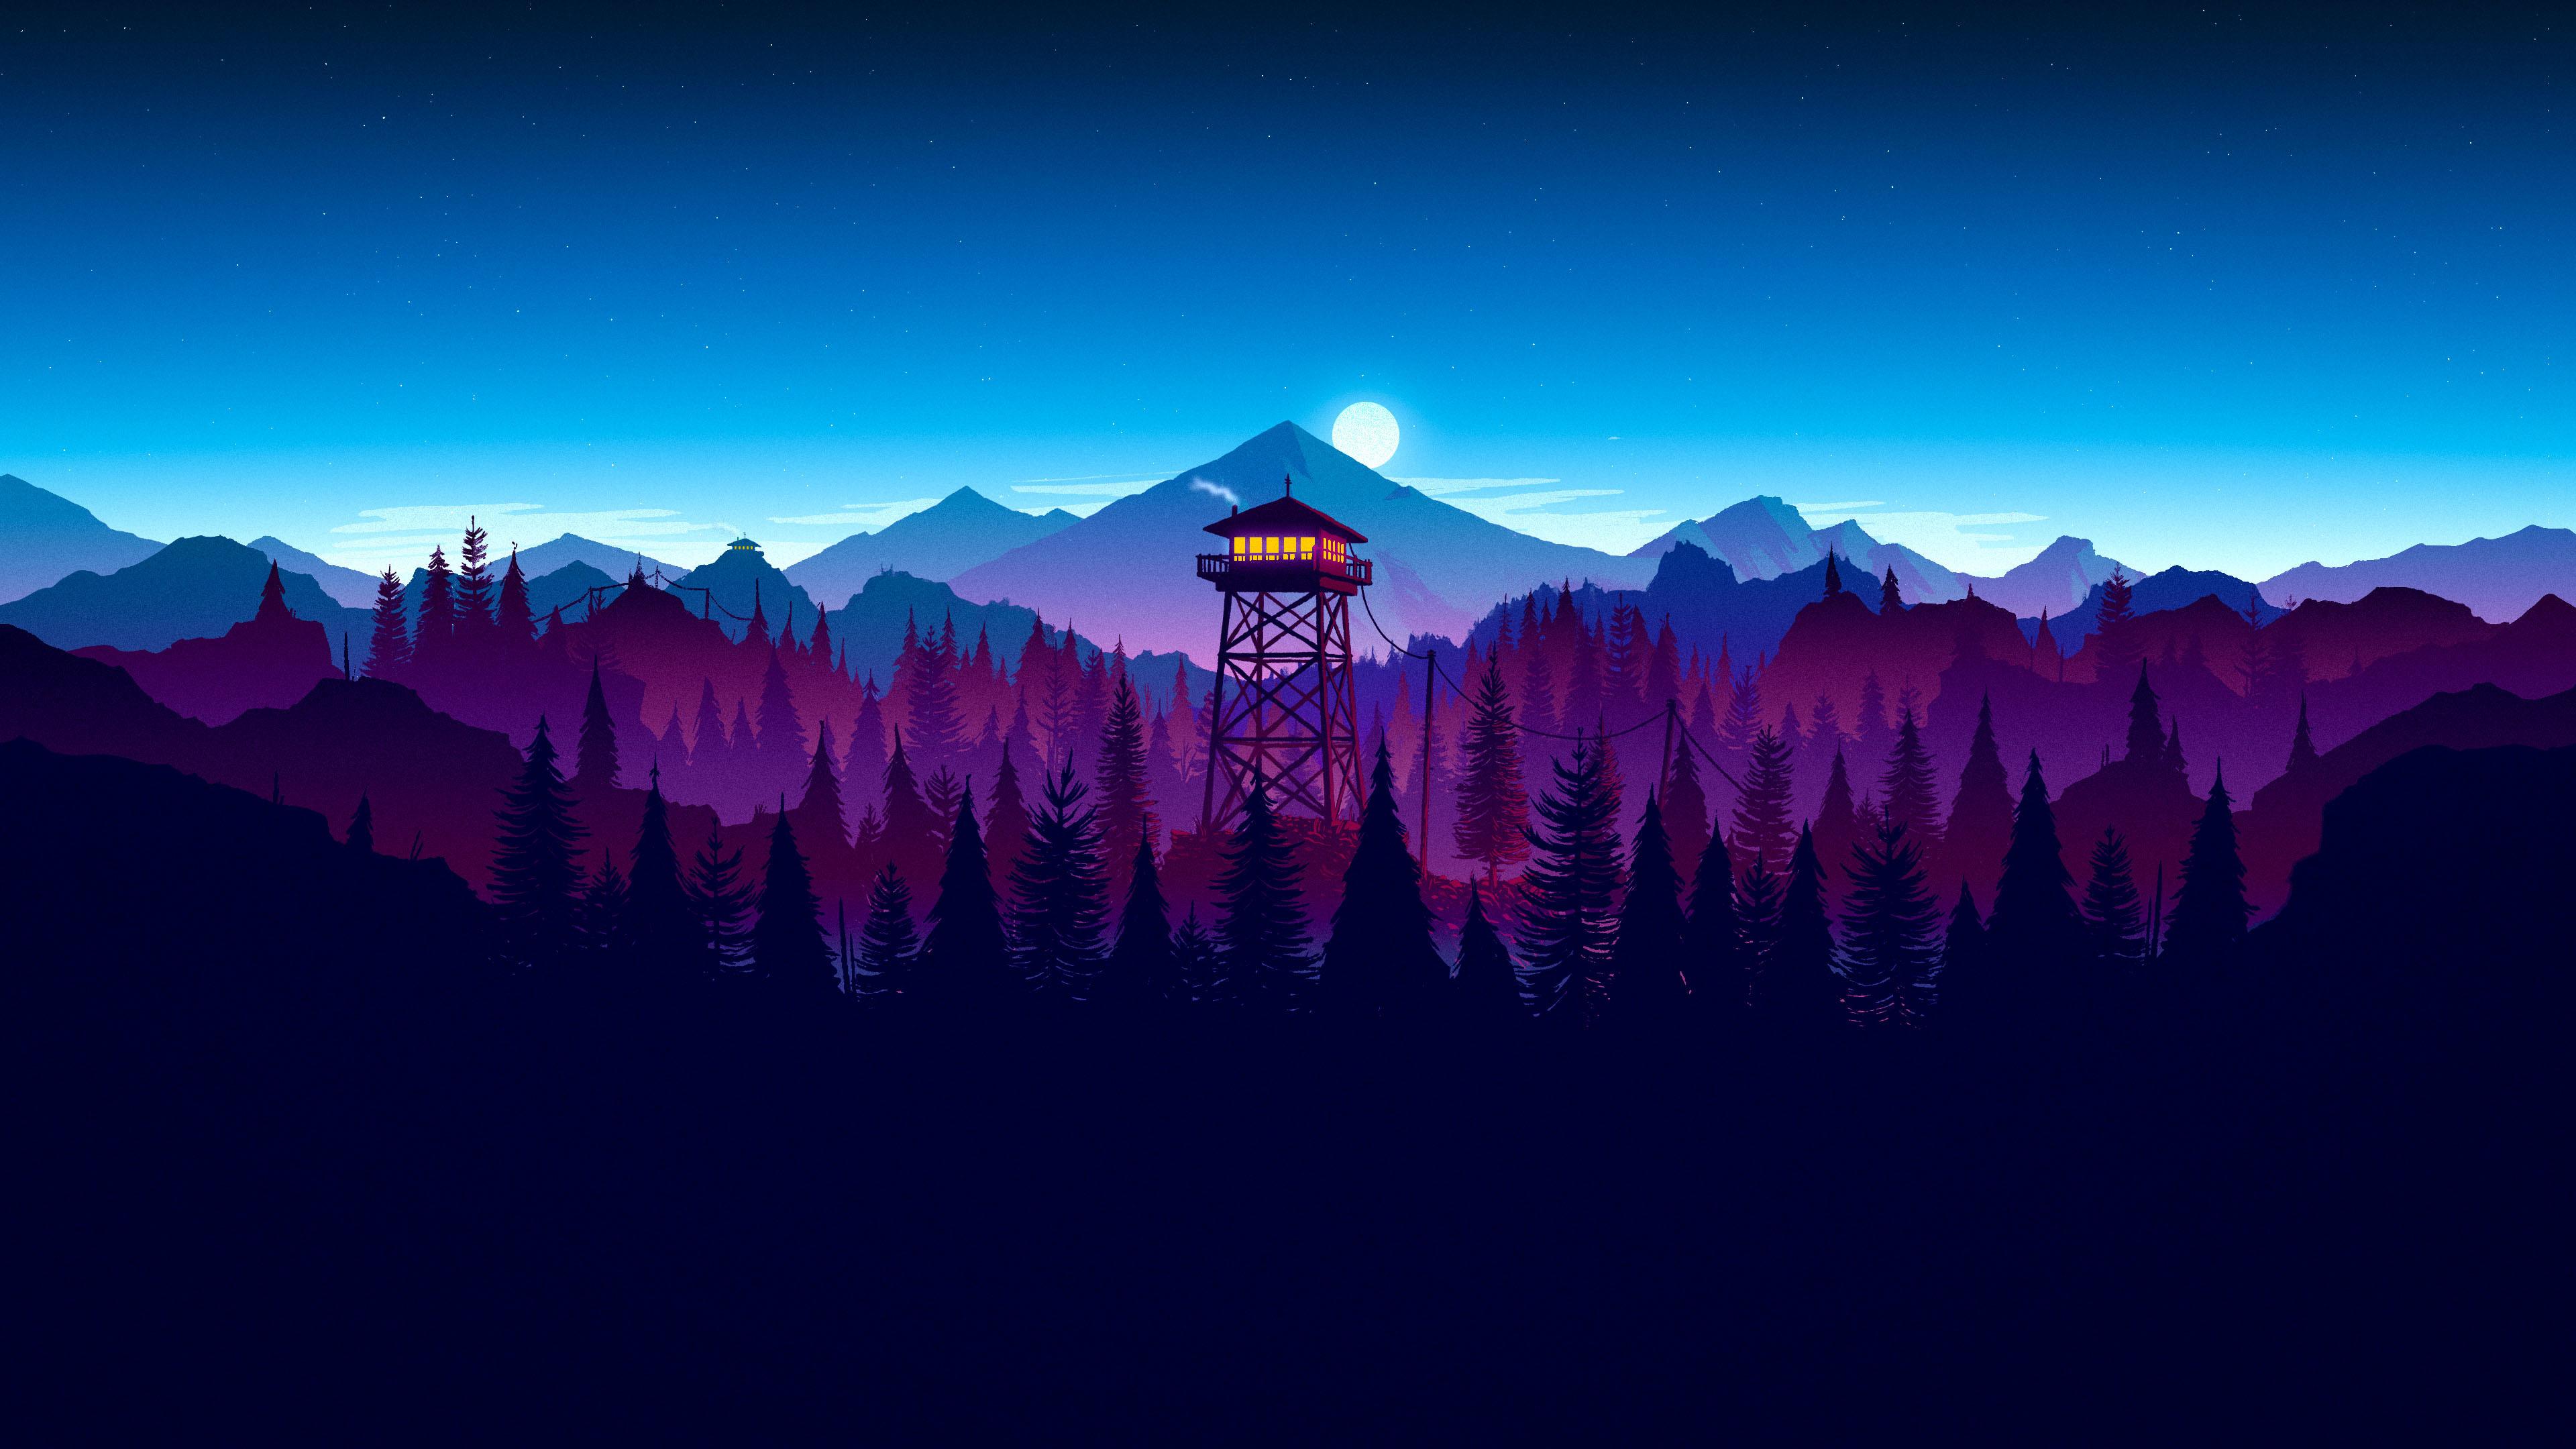 Res: 3840x2160, Firewatch Night Widescreen Wallpaper 59155